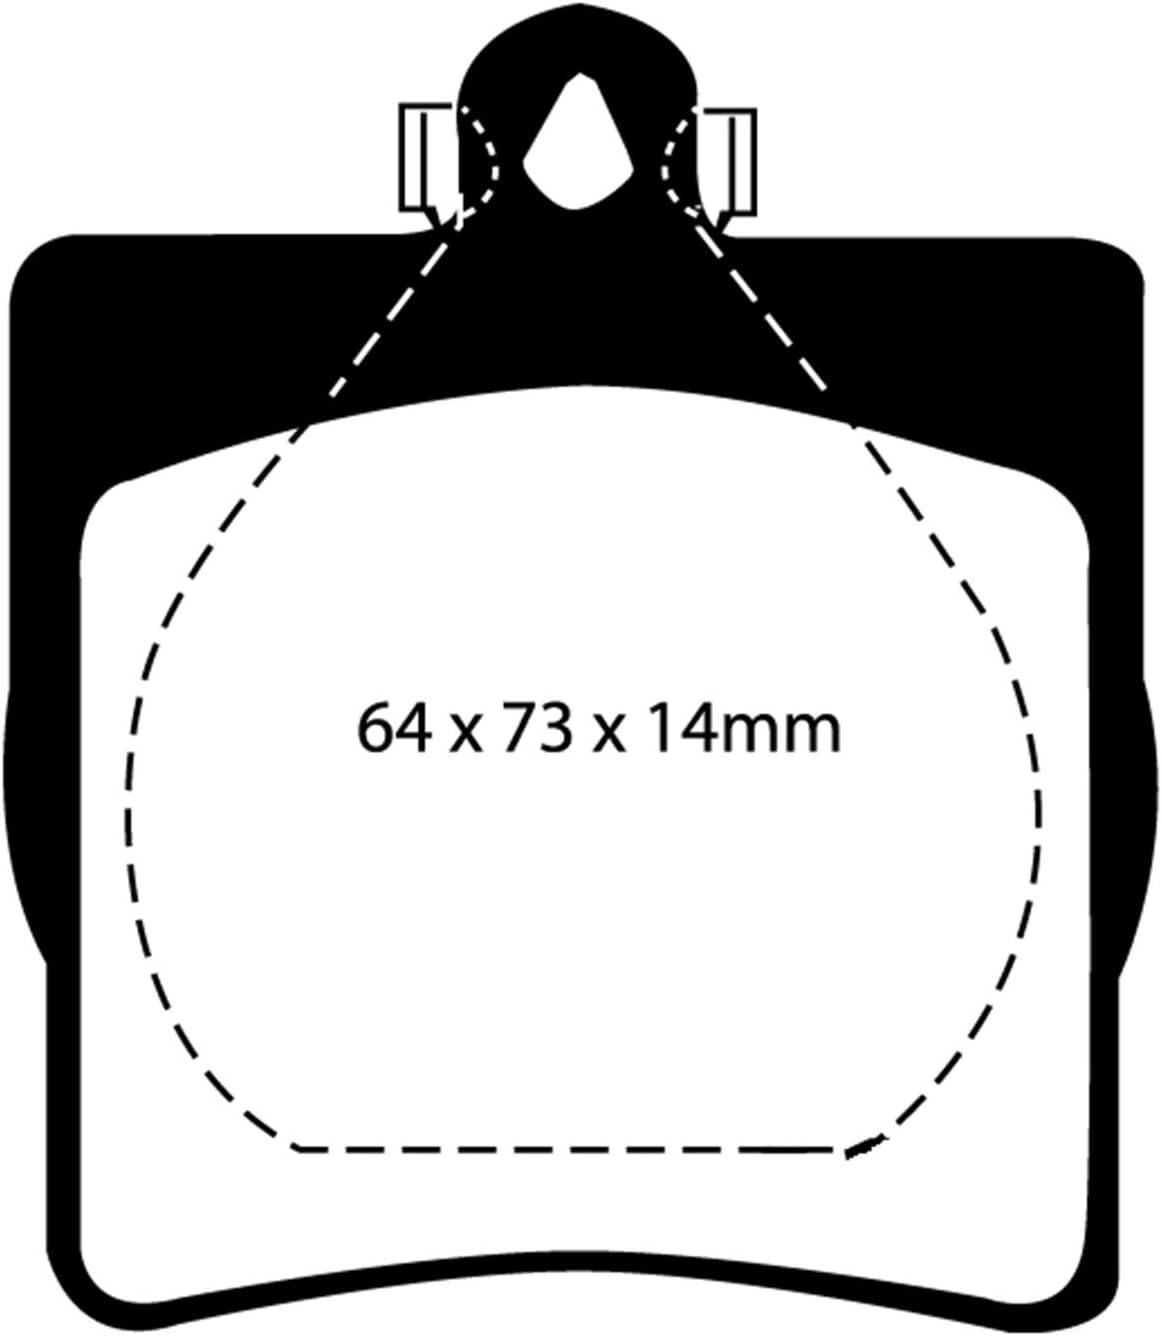 CarFashion 242483 Calypso Rot DL4 Automatten Auto Fussmatten Set ohne Mattenhalter rote Hochglanz Kettelung schwarzer Trittschutz Auto Fussmatte in Schwarz